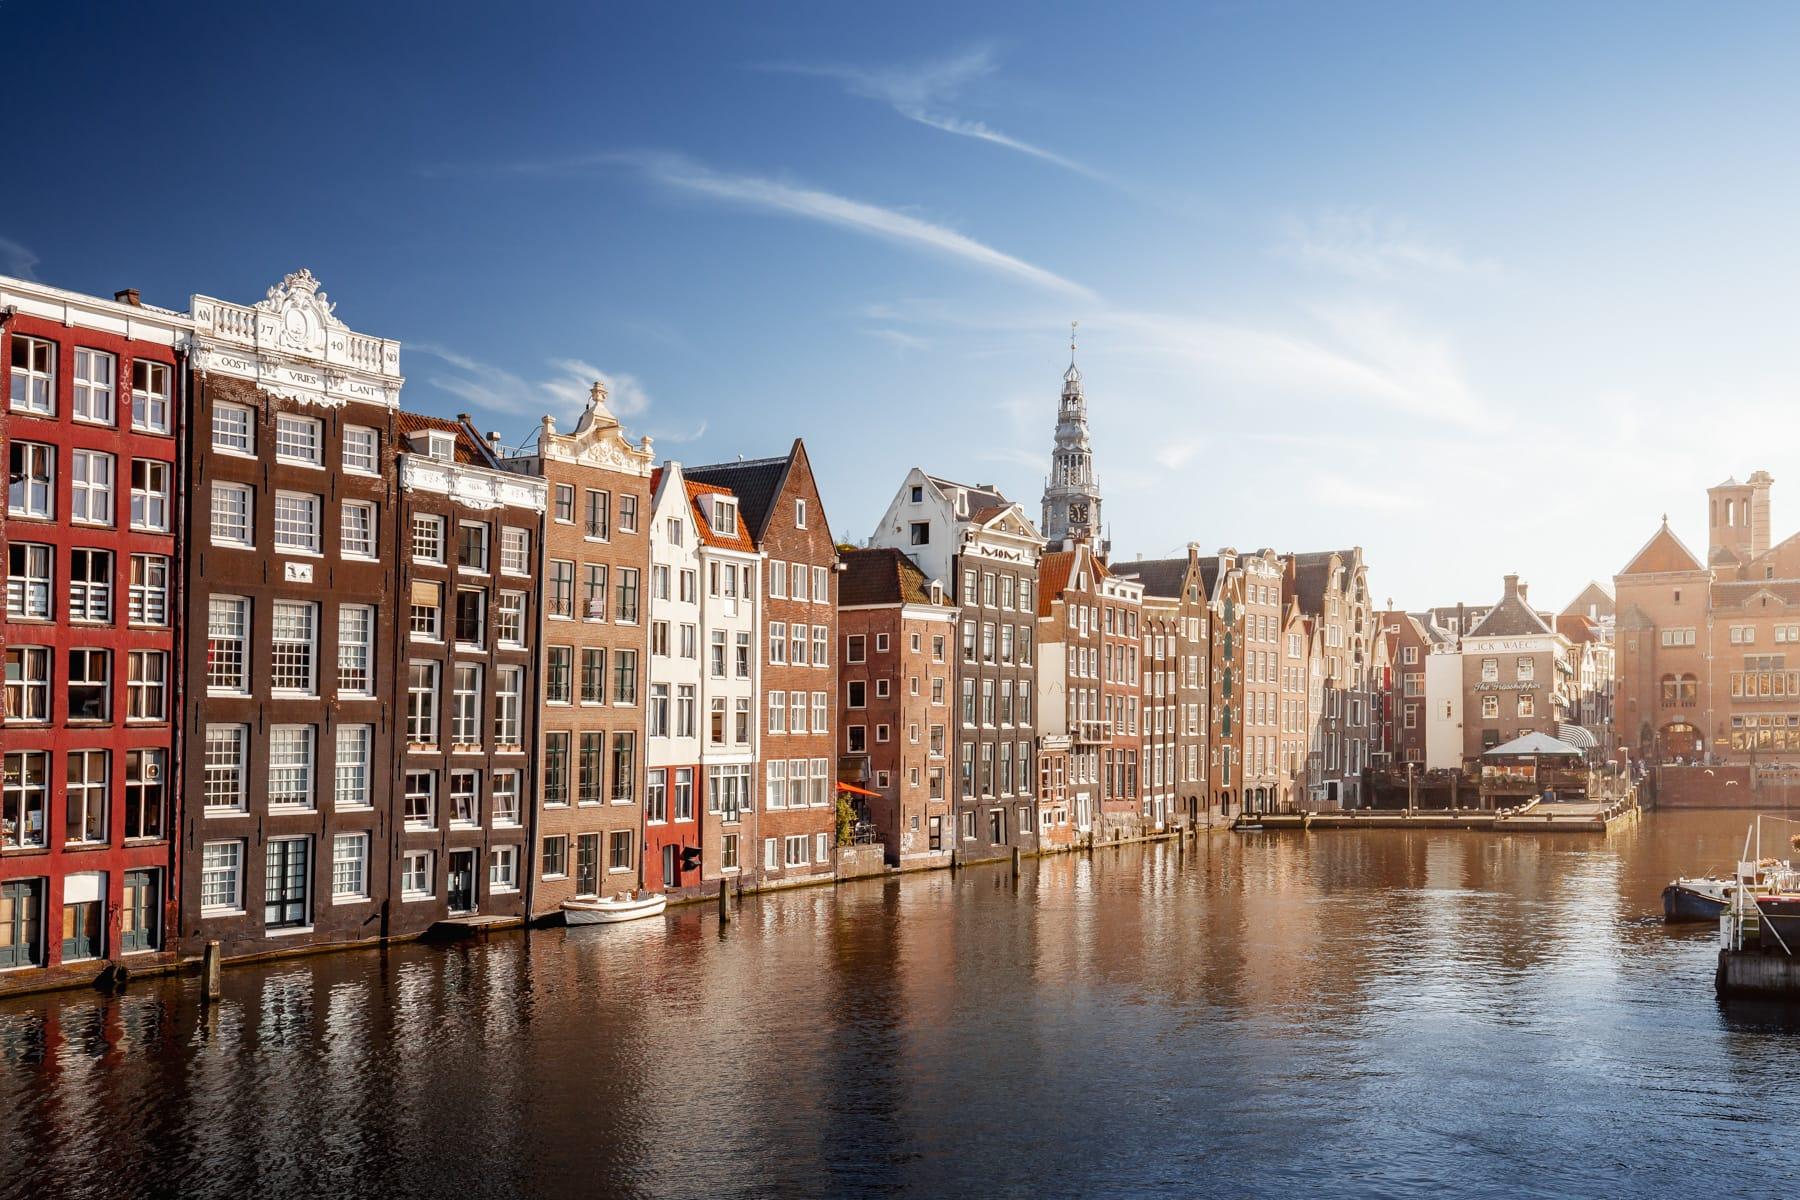 Häuser am Damrak in Amsterdam, Niederlande